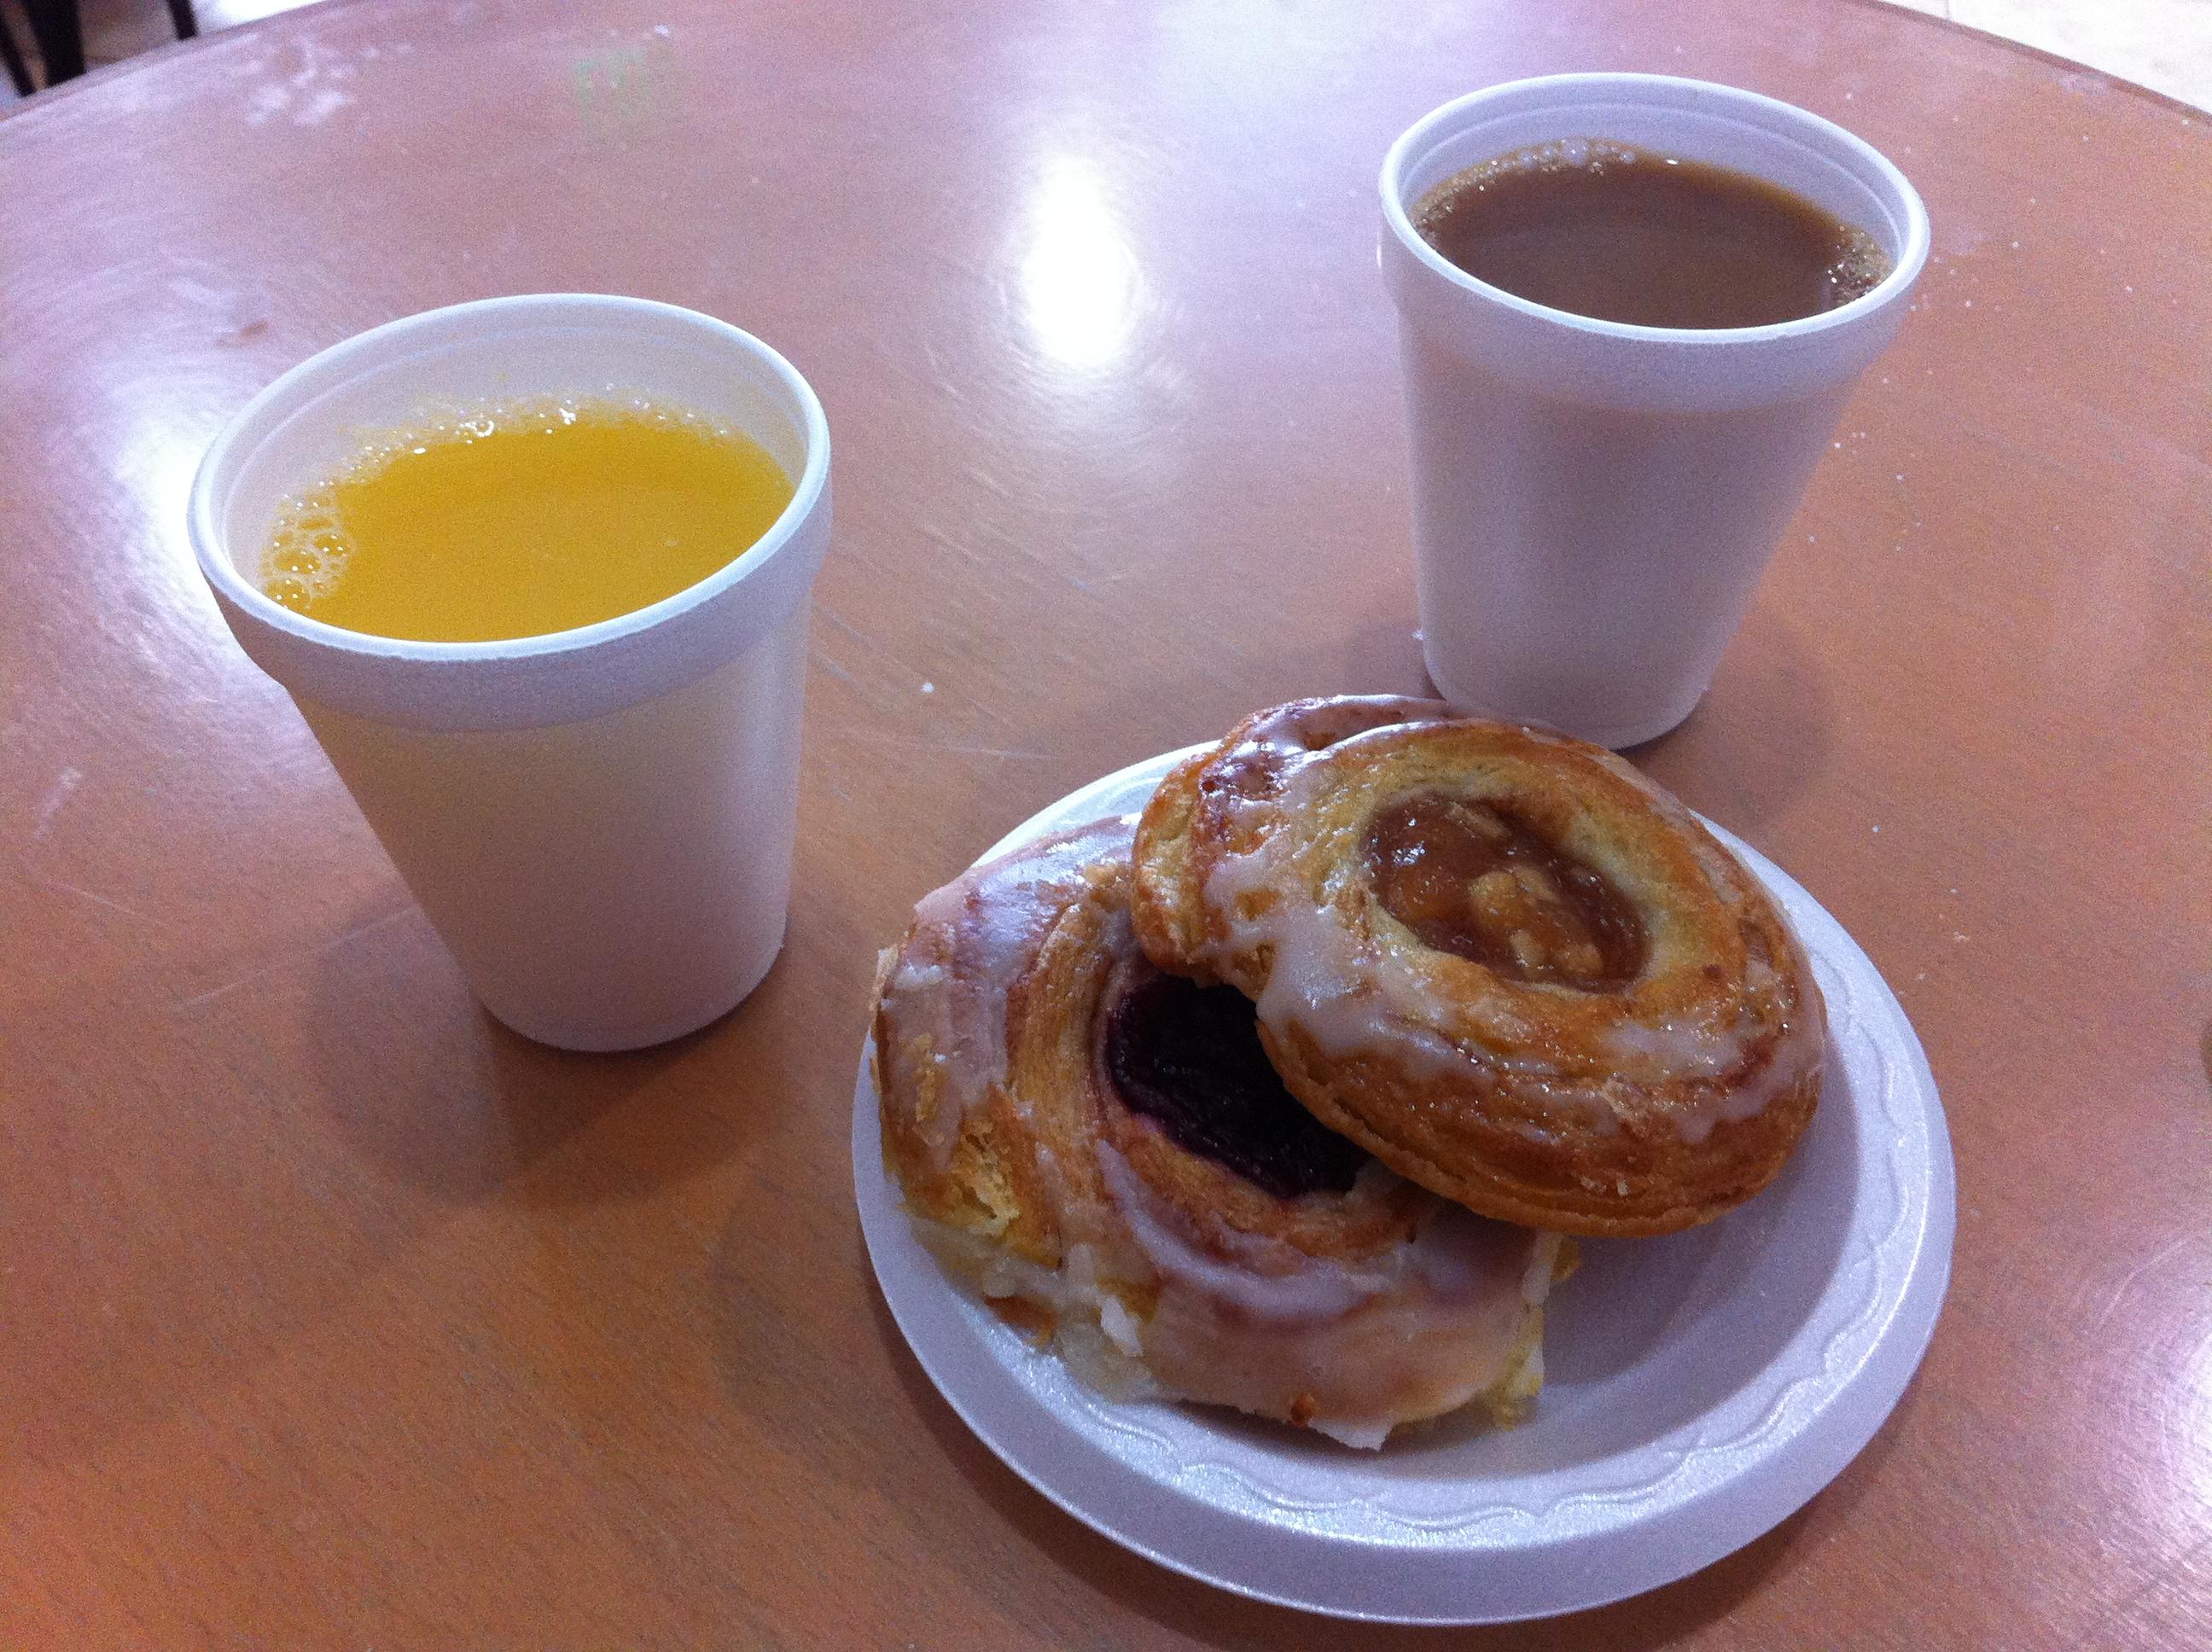 Last breakfast in the US ...